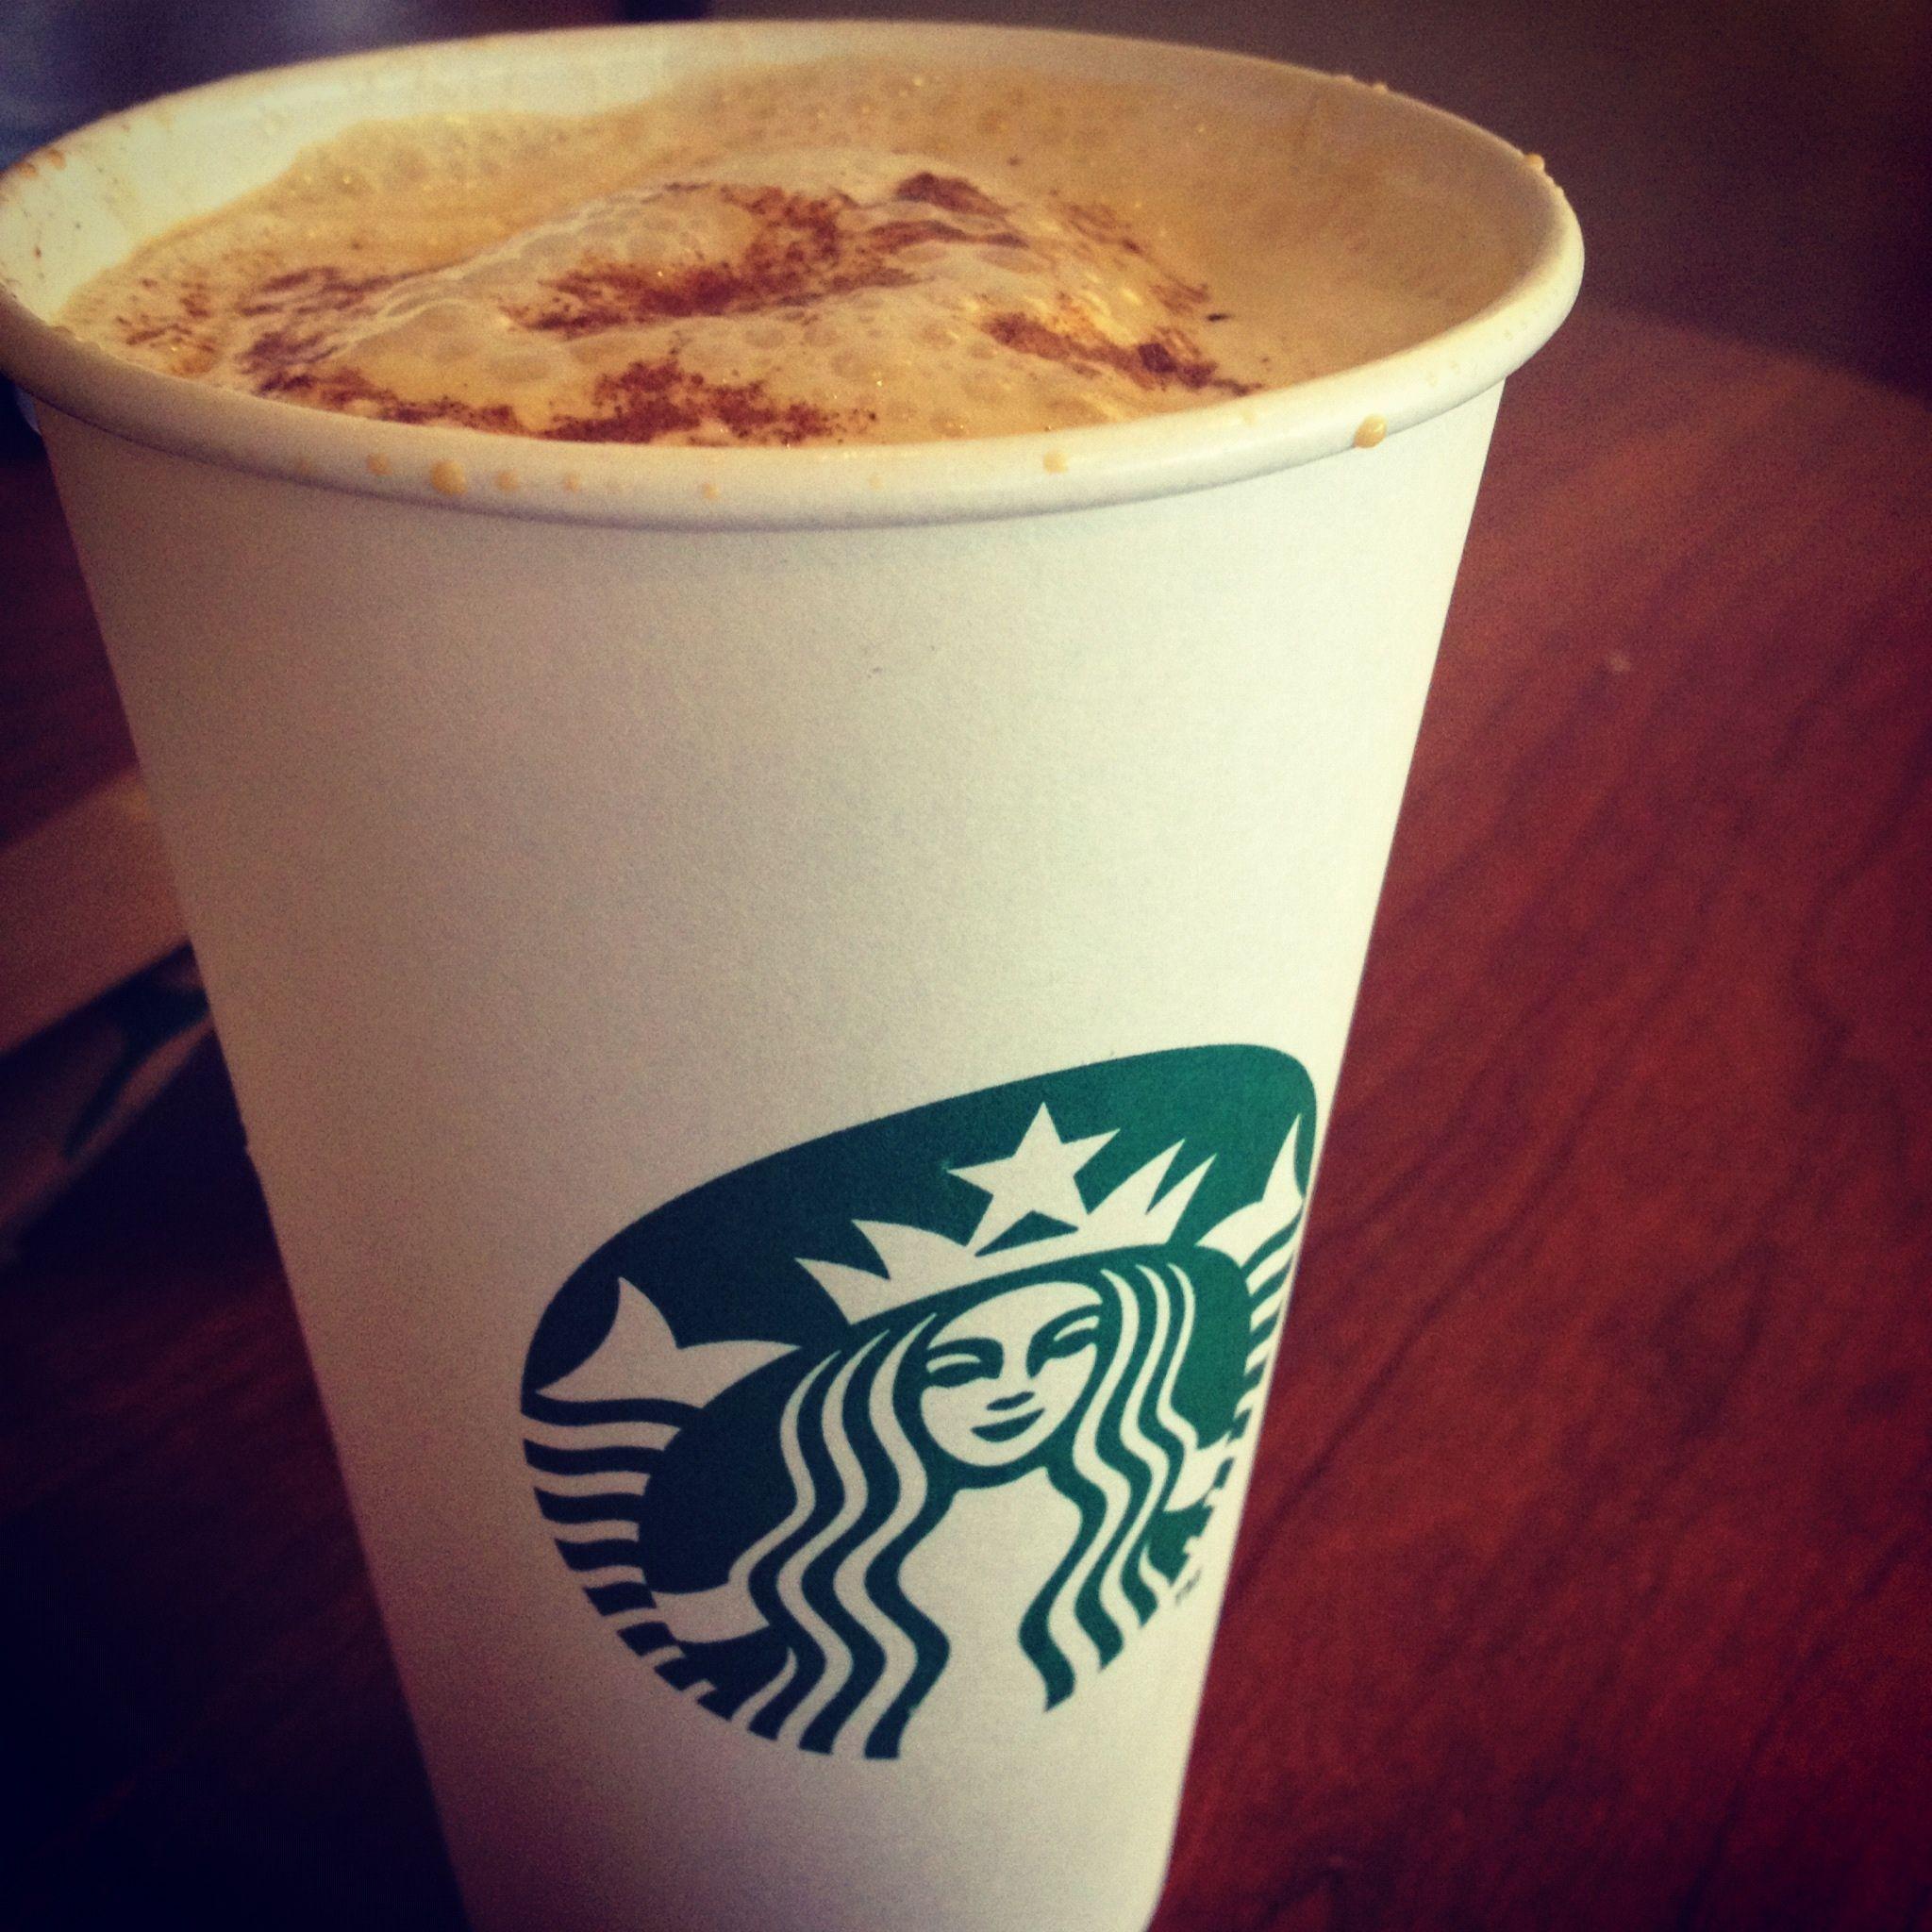 Yummiest Starbucks Drinks